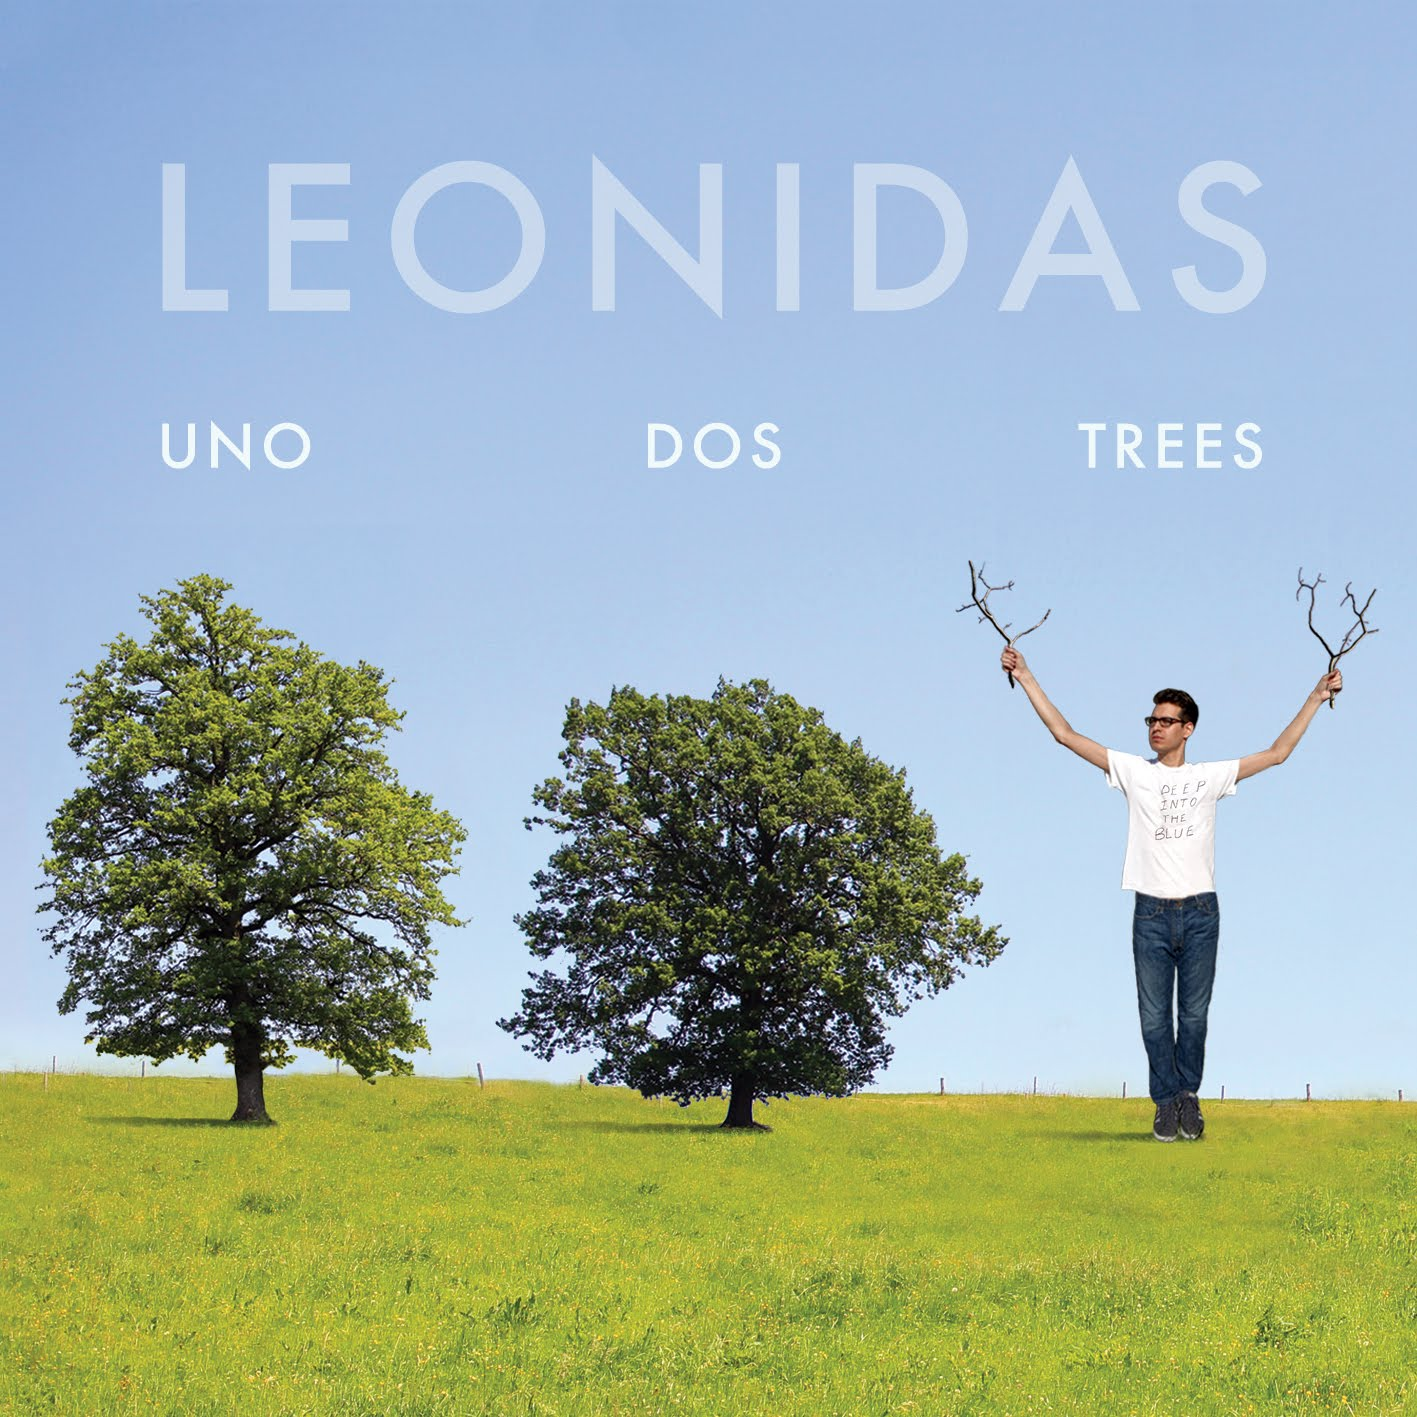 Uno Dos Trees